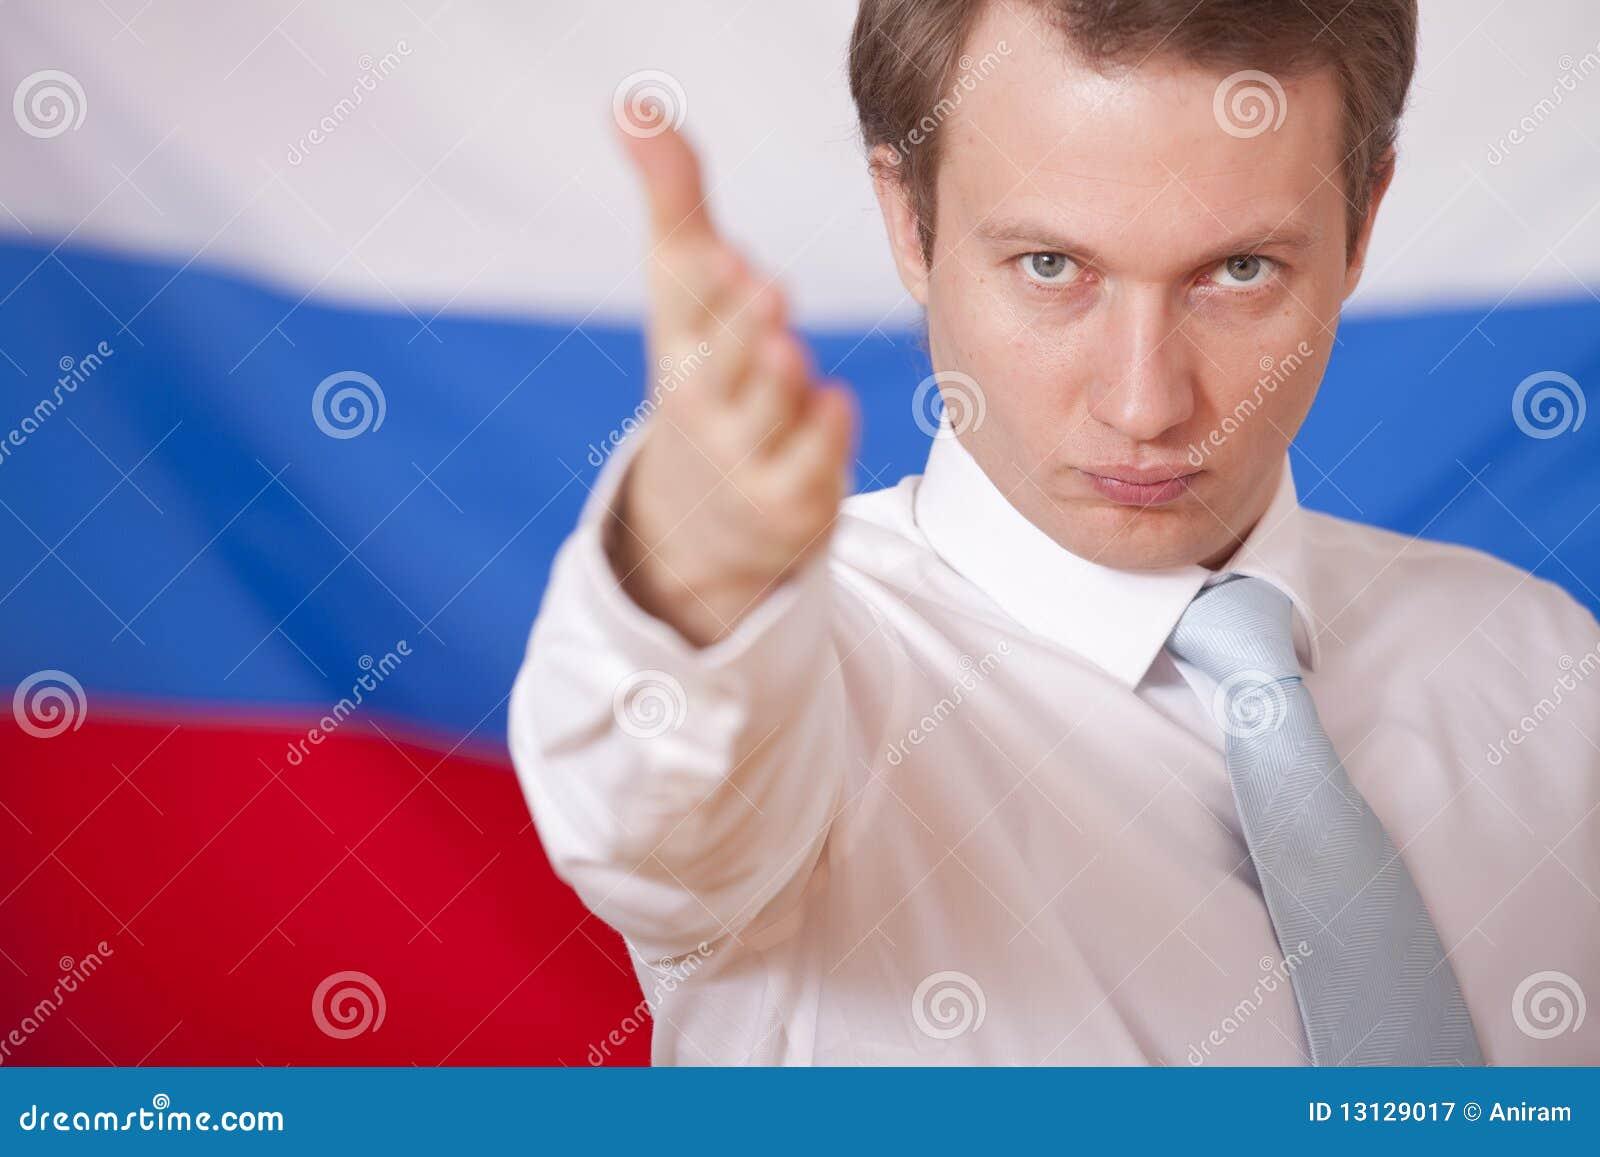 Politics In Russian 53